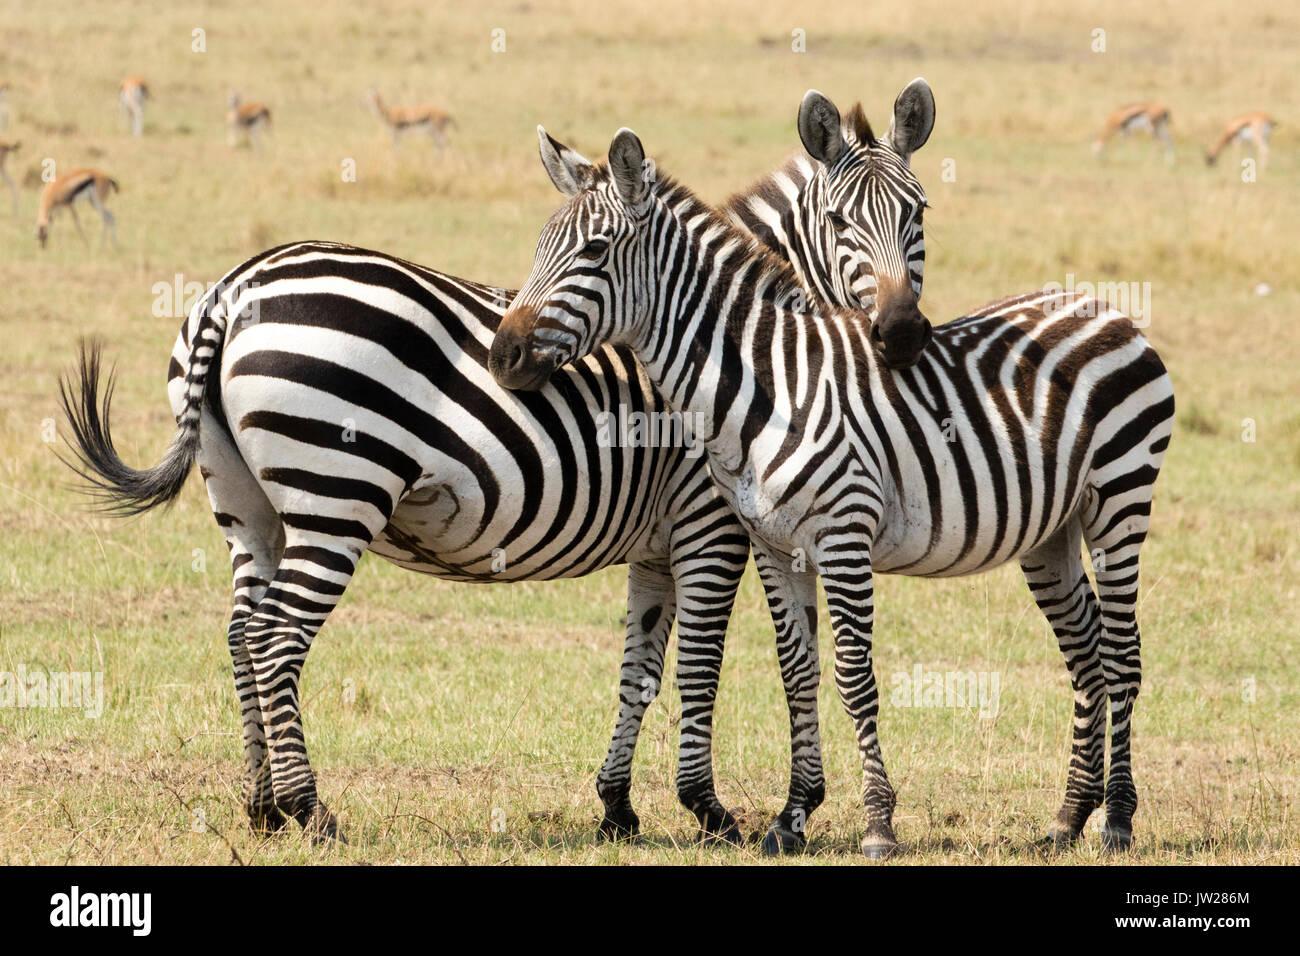 Doux moment entre plain zebra (Equus quagga) mère et du jeune enfant, se penchant sur l'autre Photo Stock